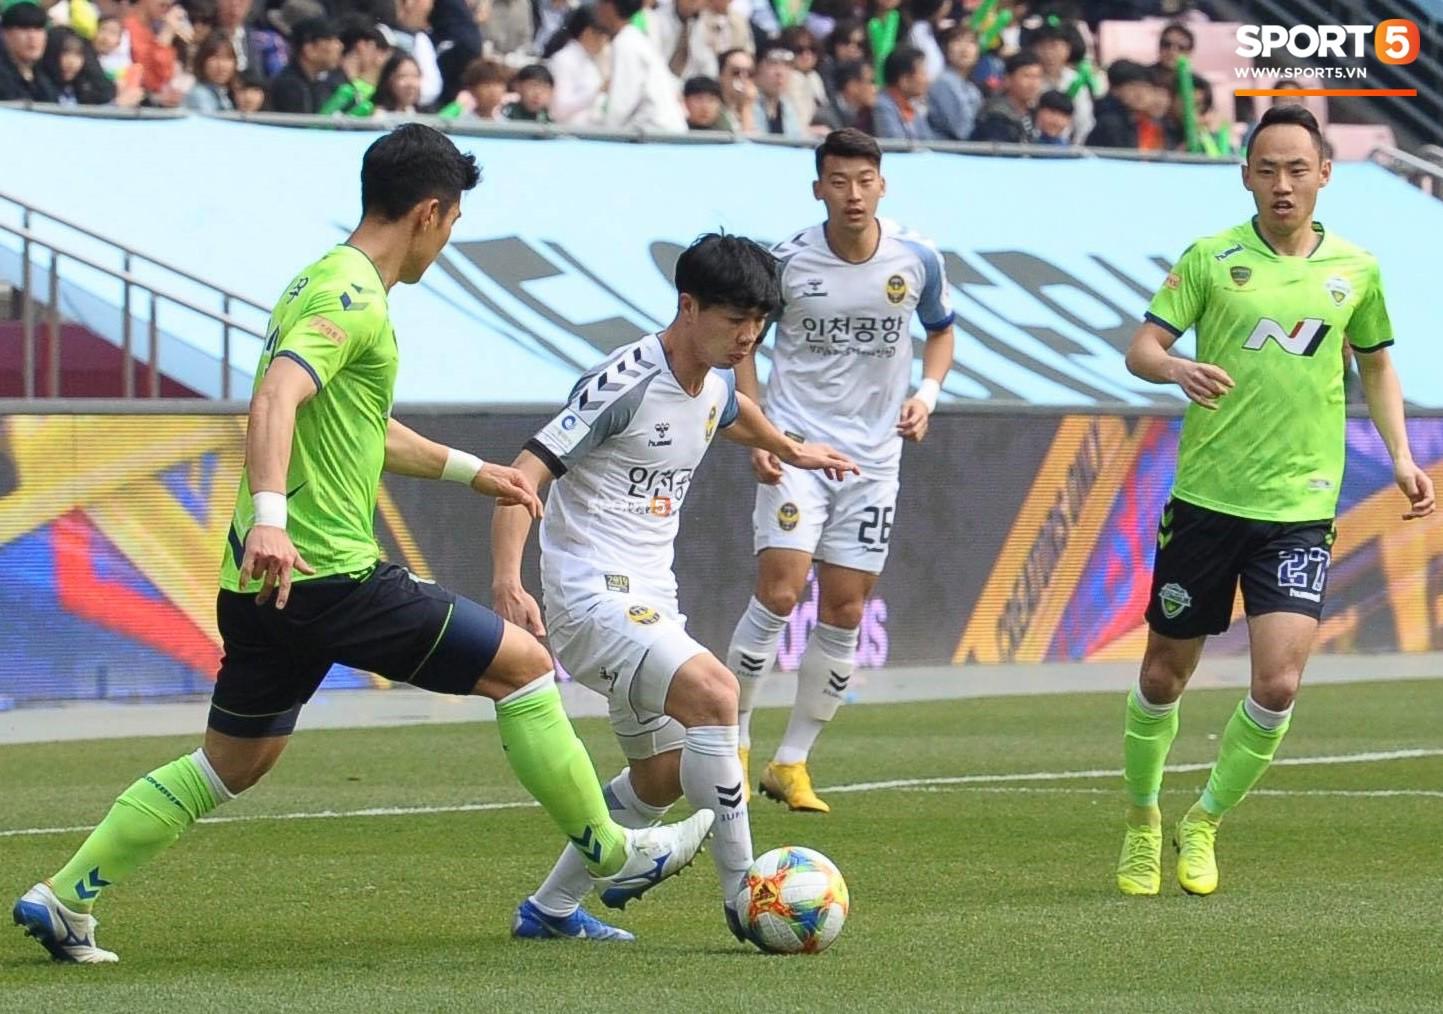 Fan Công Phượng hãy bình tĩnh, Incheon United khởi đầu bết bát là... chuyện bình thường - Ảnh 2.